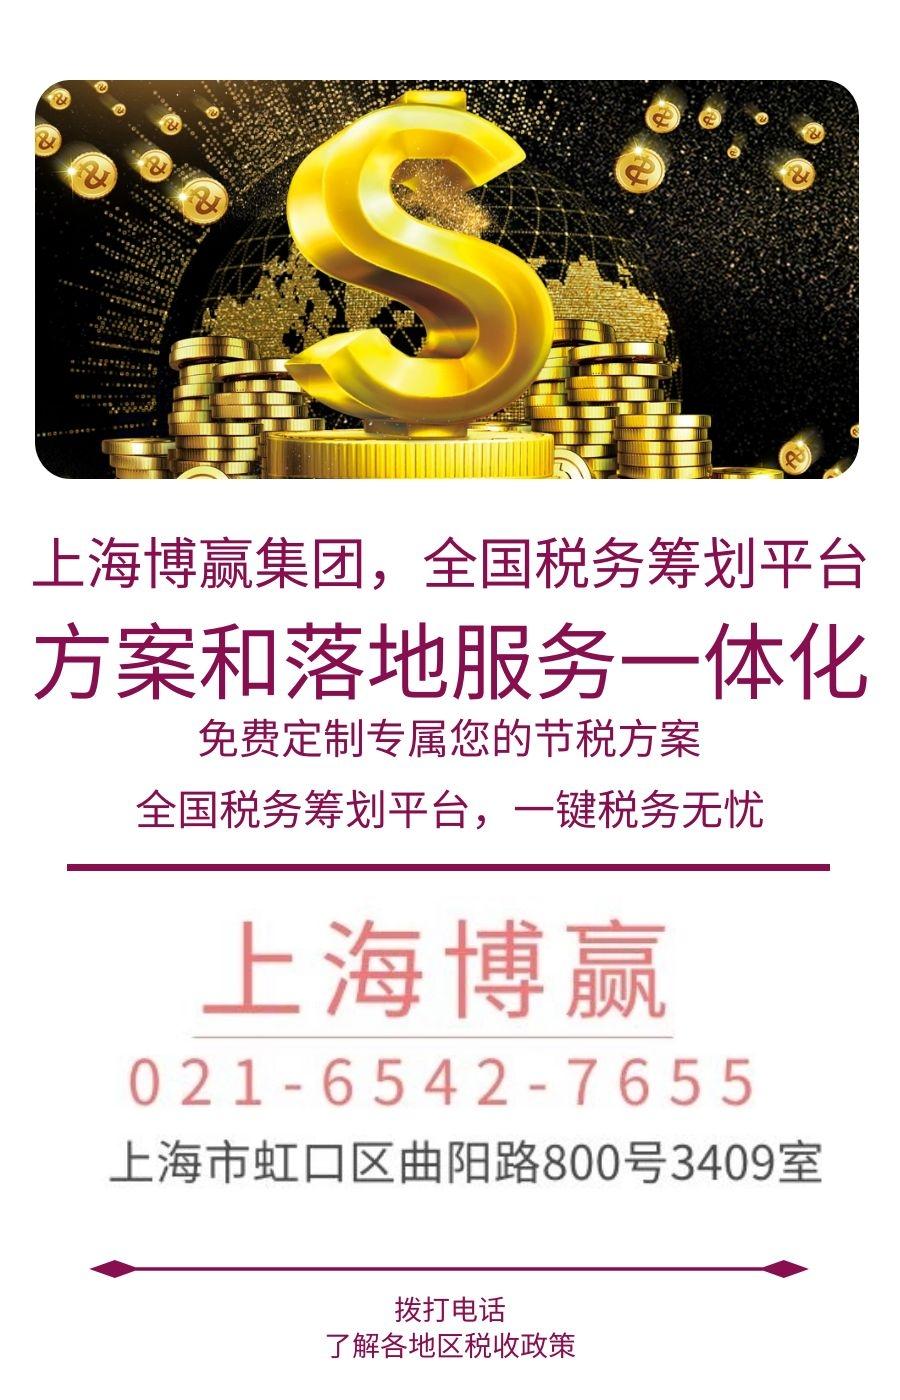 深圳代理记账_咨询服务会计相关-上海博赢企业管理合伙企业(有限合伙)